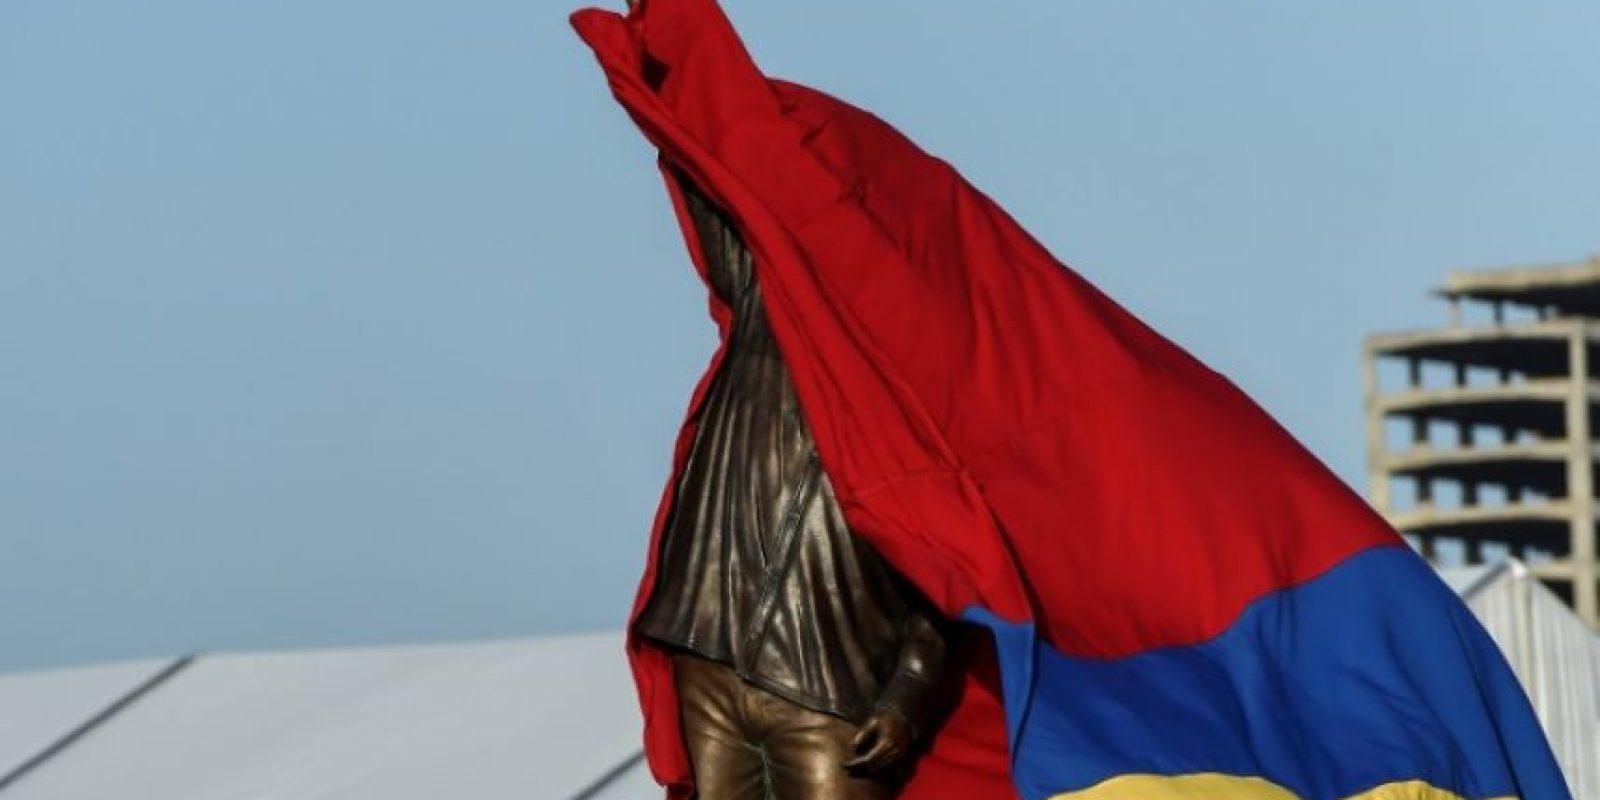 Una estatua del fallecido presidente venezolano, Hugo Chávez, exhibida por primera vez en público en Porlamar, en Isla Margarita (Venezuela), el 16 de septiembre de 2016 Foto:Juan Barreto/afp.com